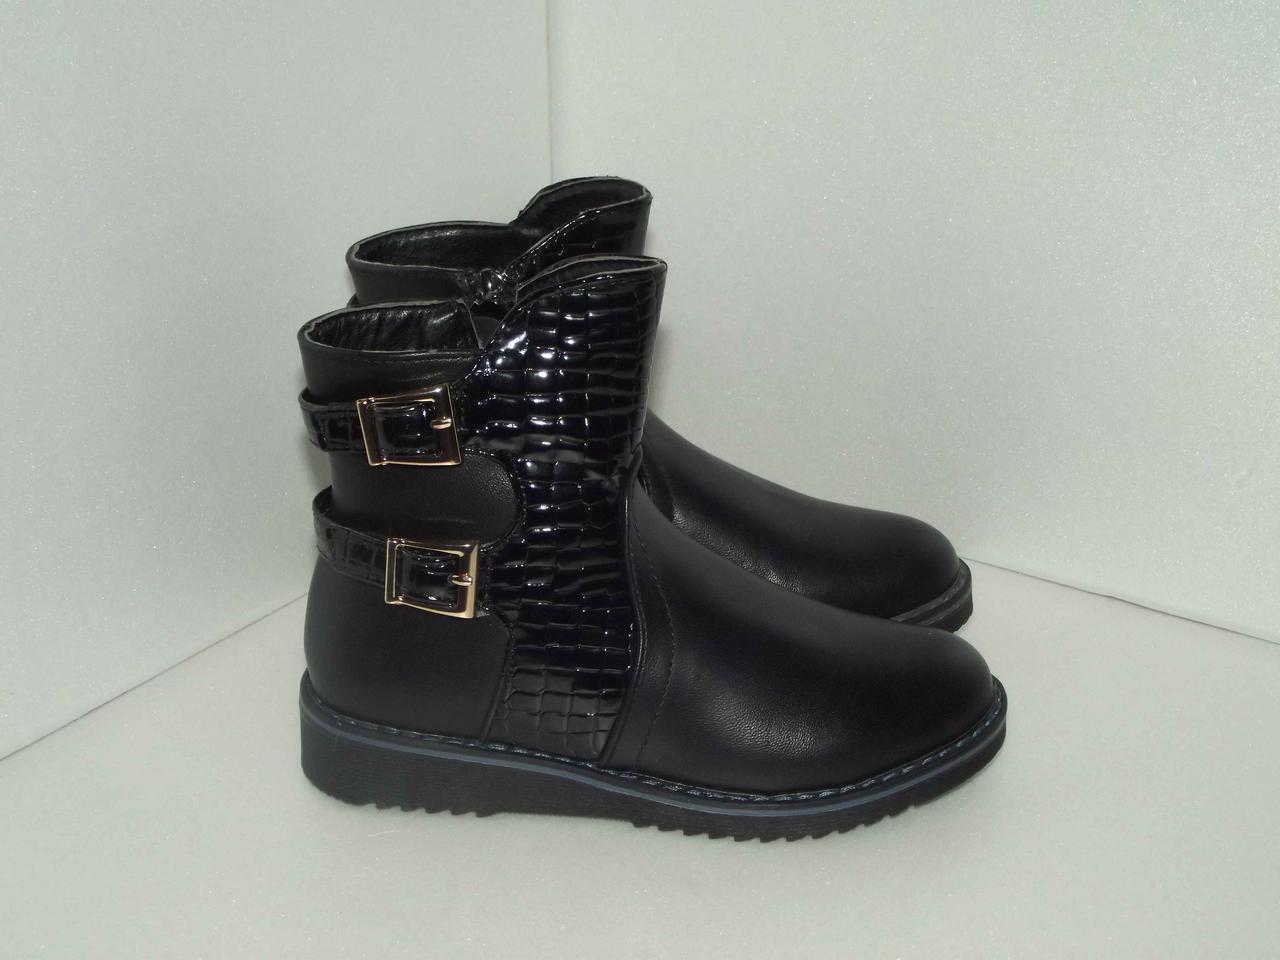 Демисезонные ботинки для девочки, р. 35(21.5см). Уценка